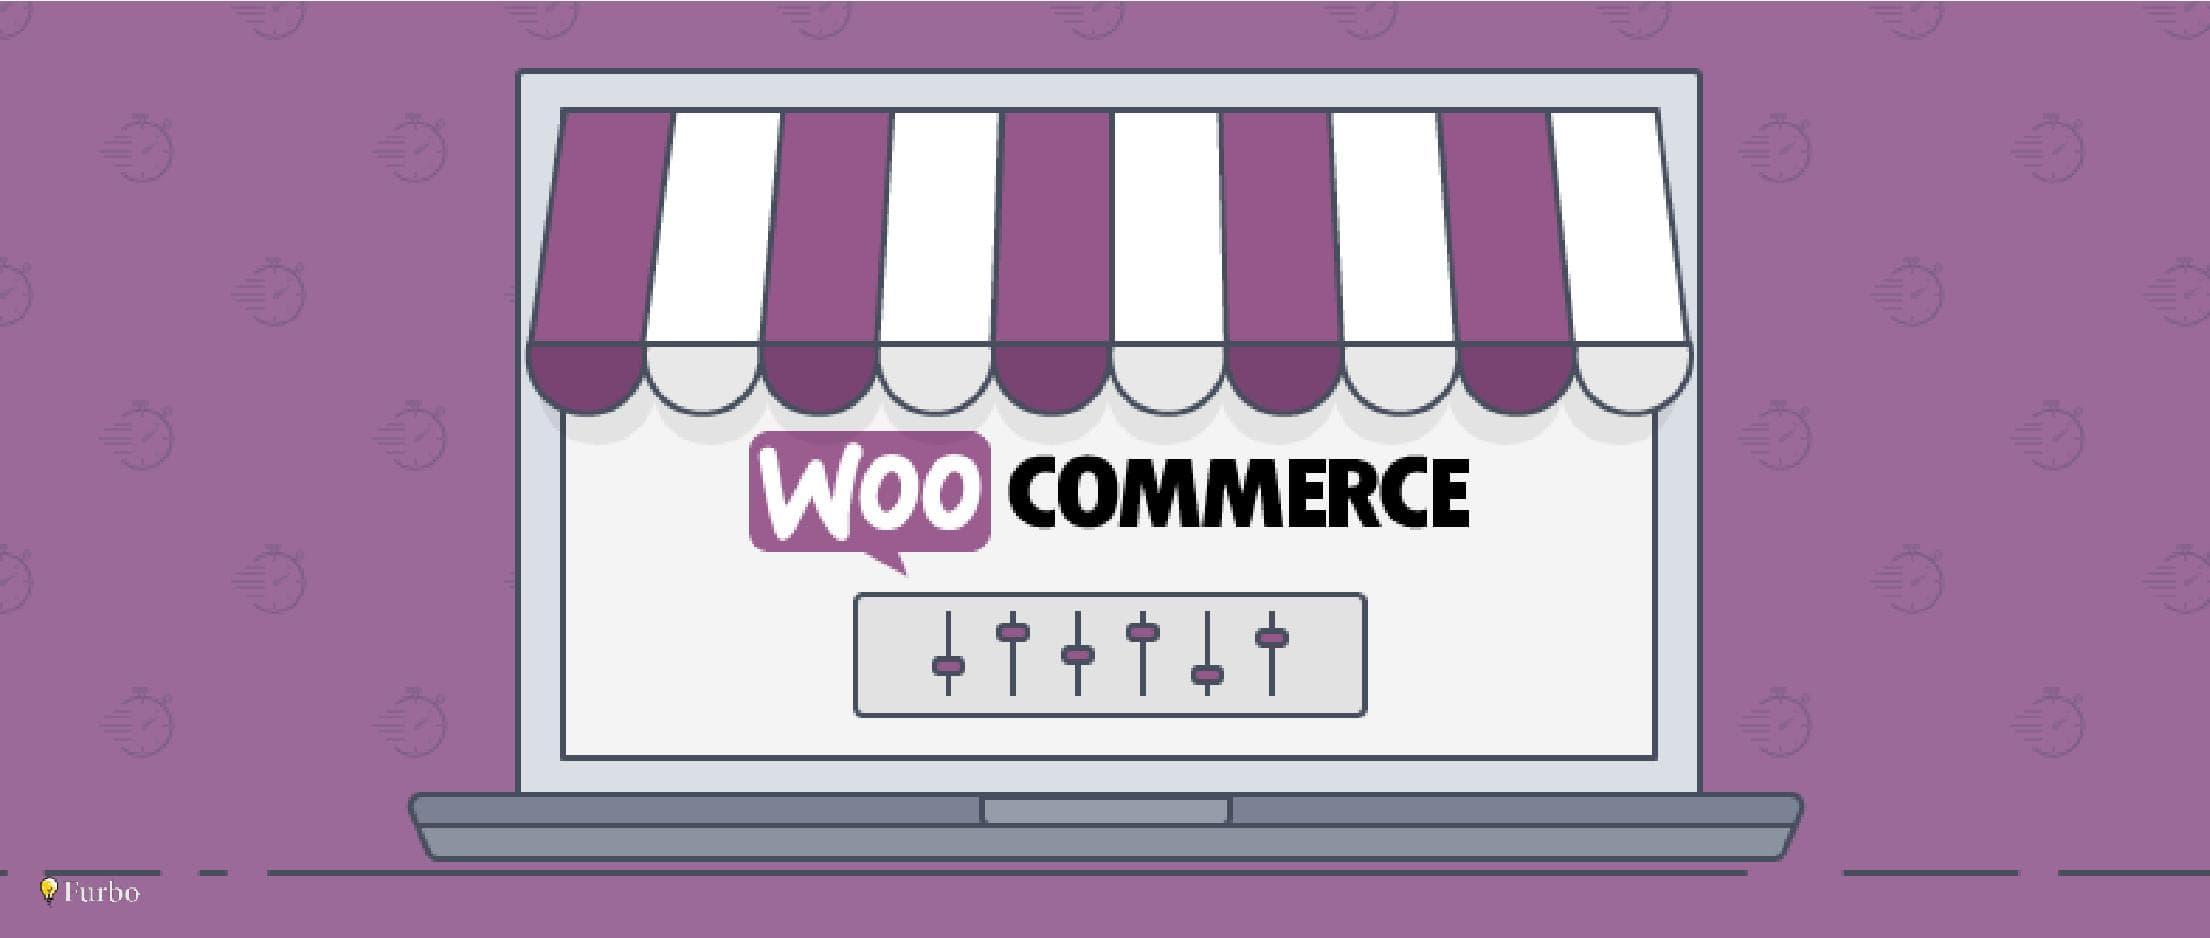 ساخت فروشگاه اینترنتی - راه اندازی فروشگاه آنلاین